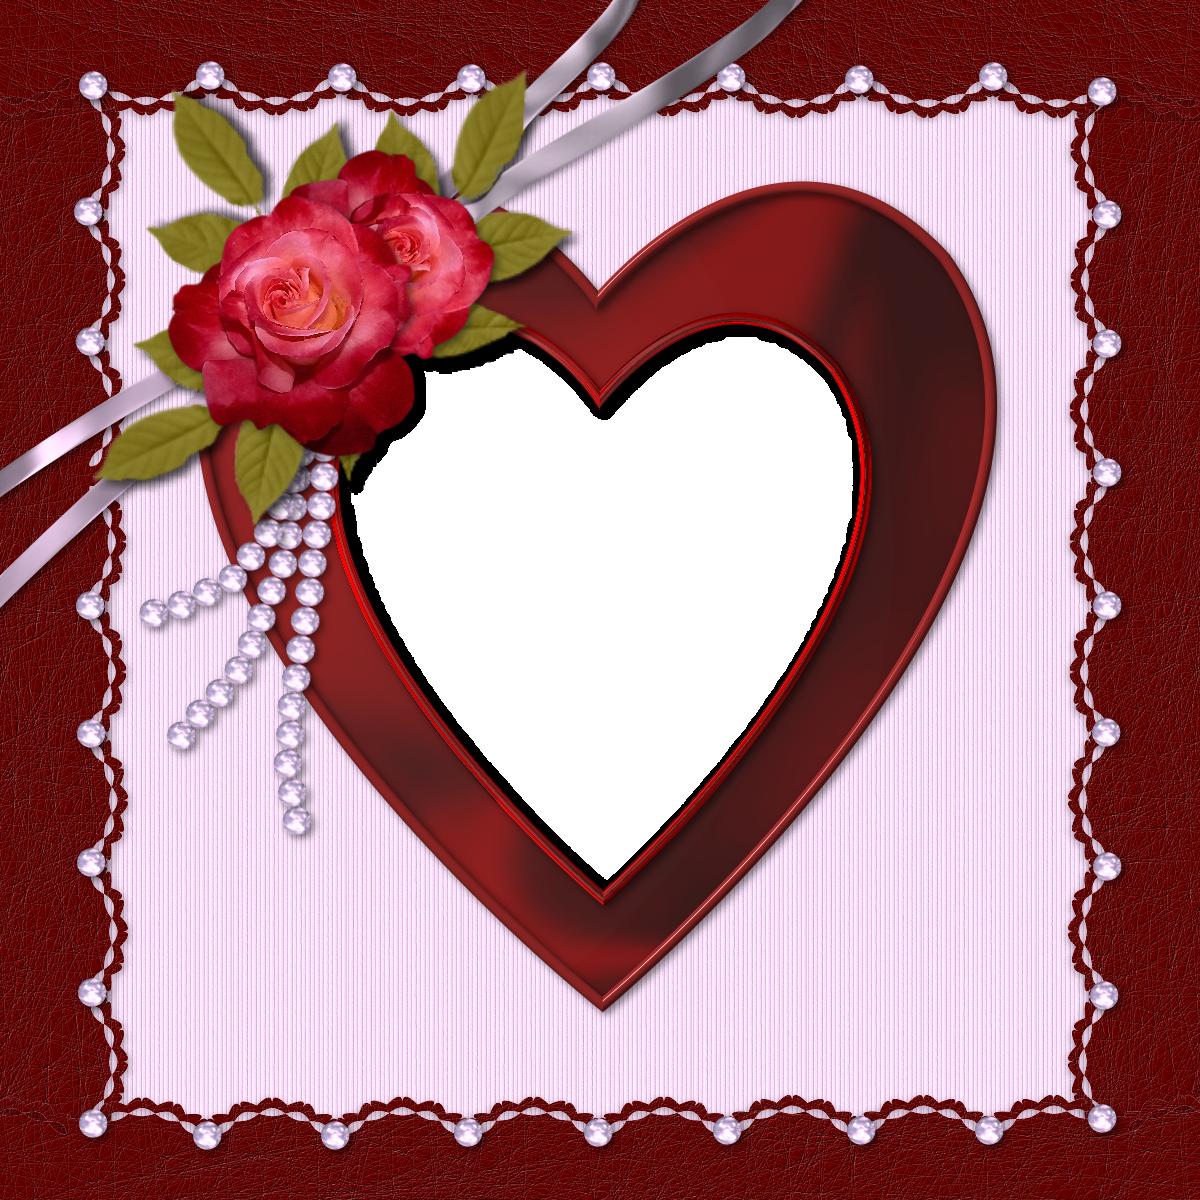 певица картинки сердце шаблон фото открытка этом